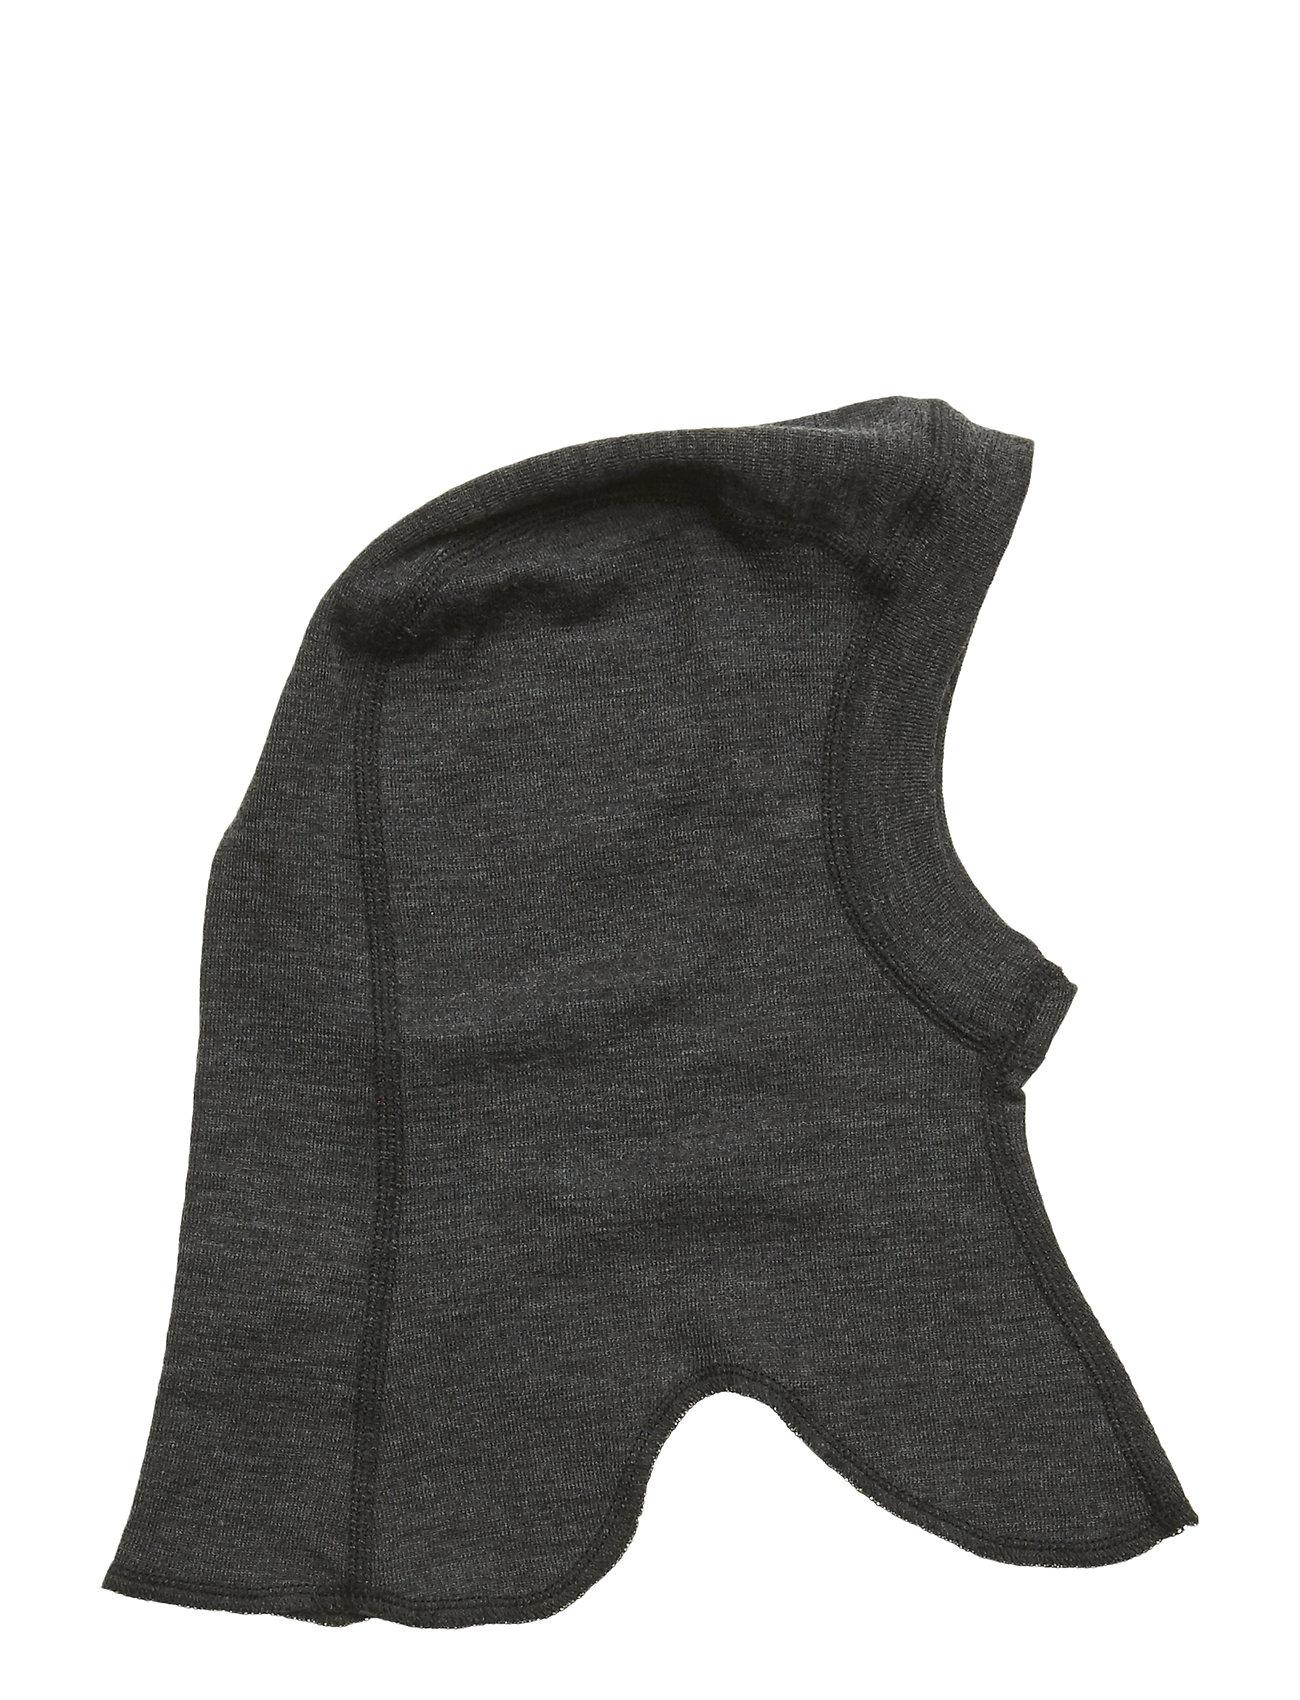 Image of Wool Fullface Hat Grå MIKK-LINE (3129166873)